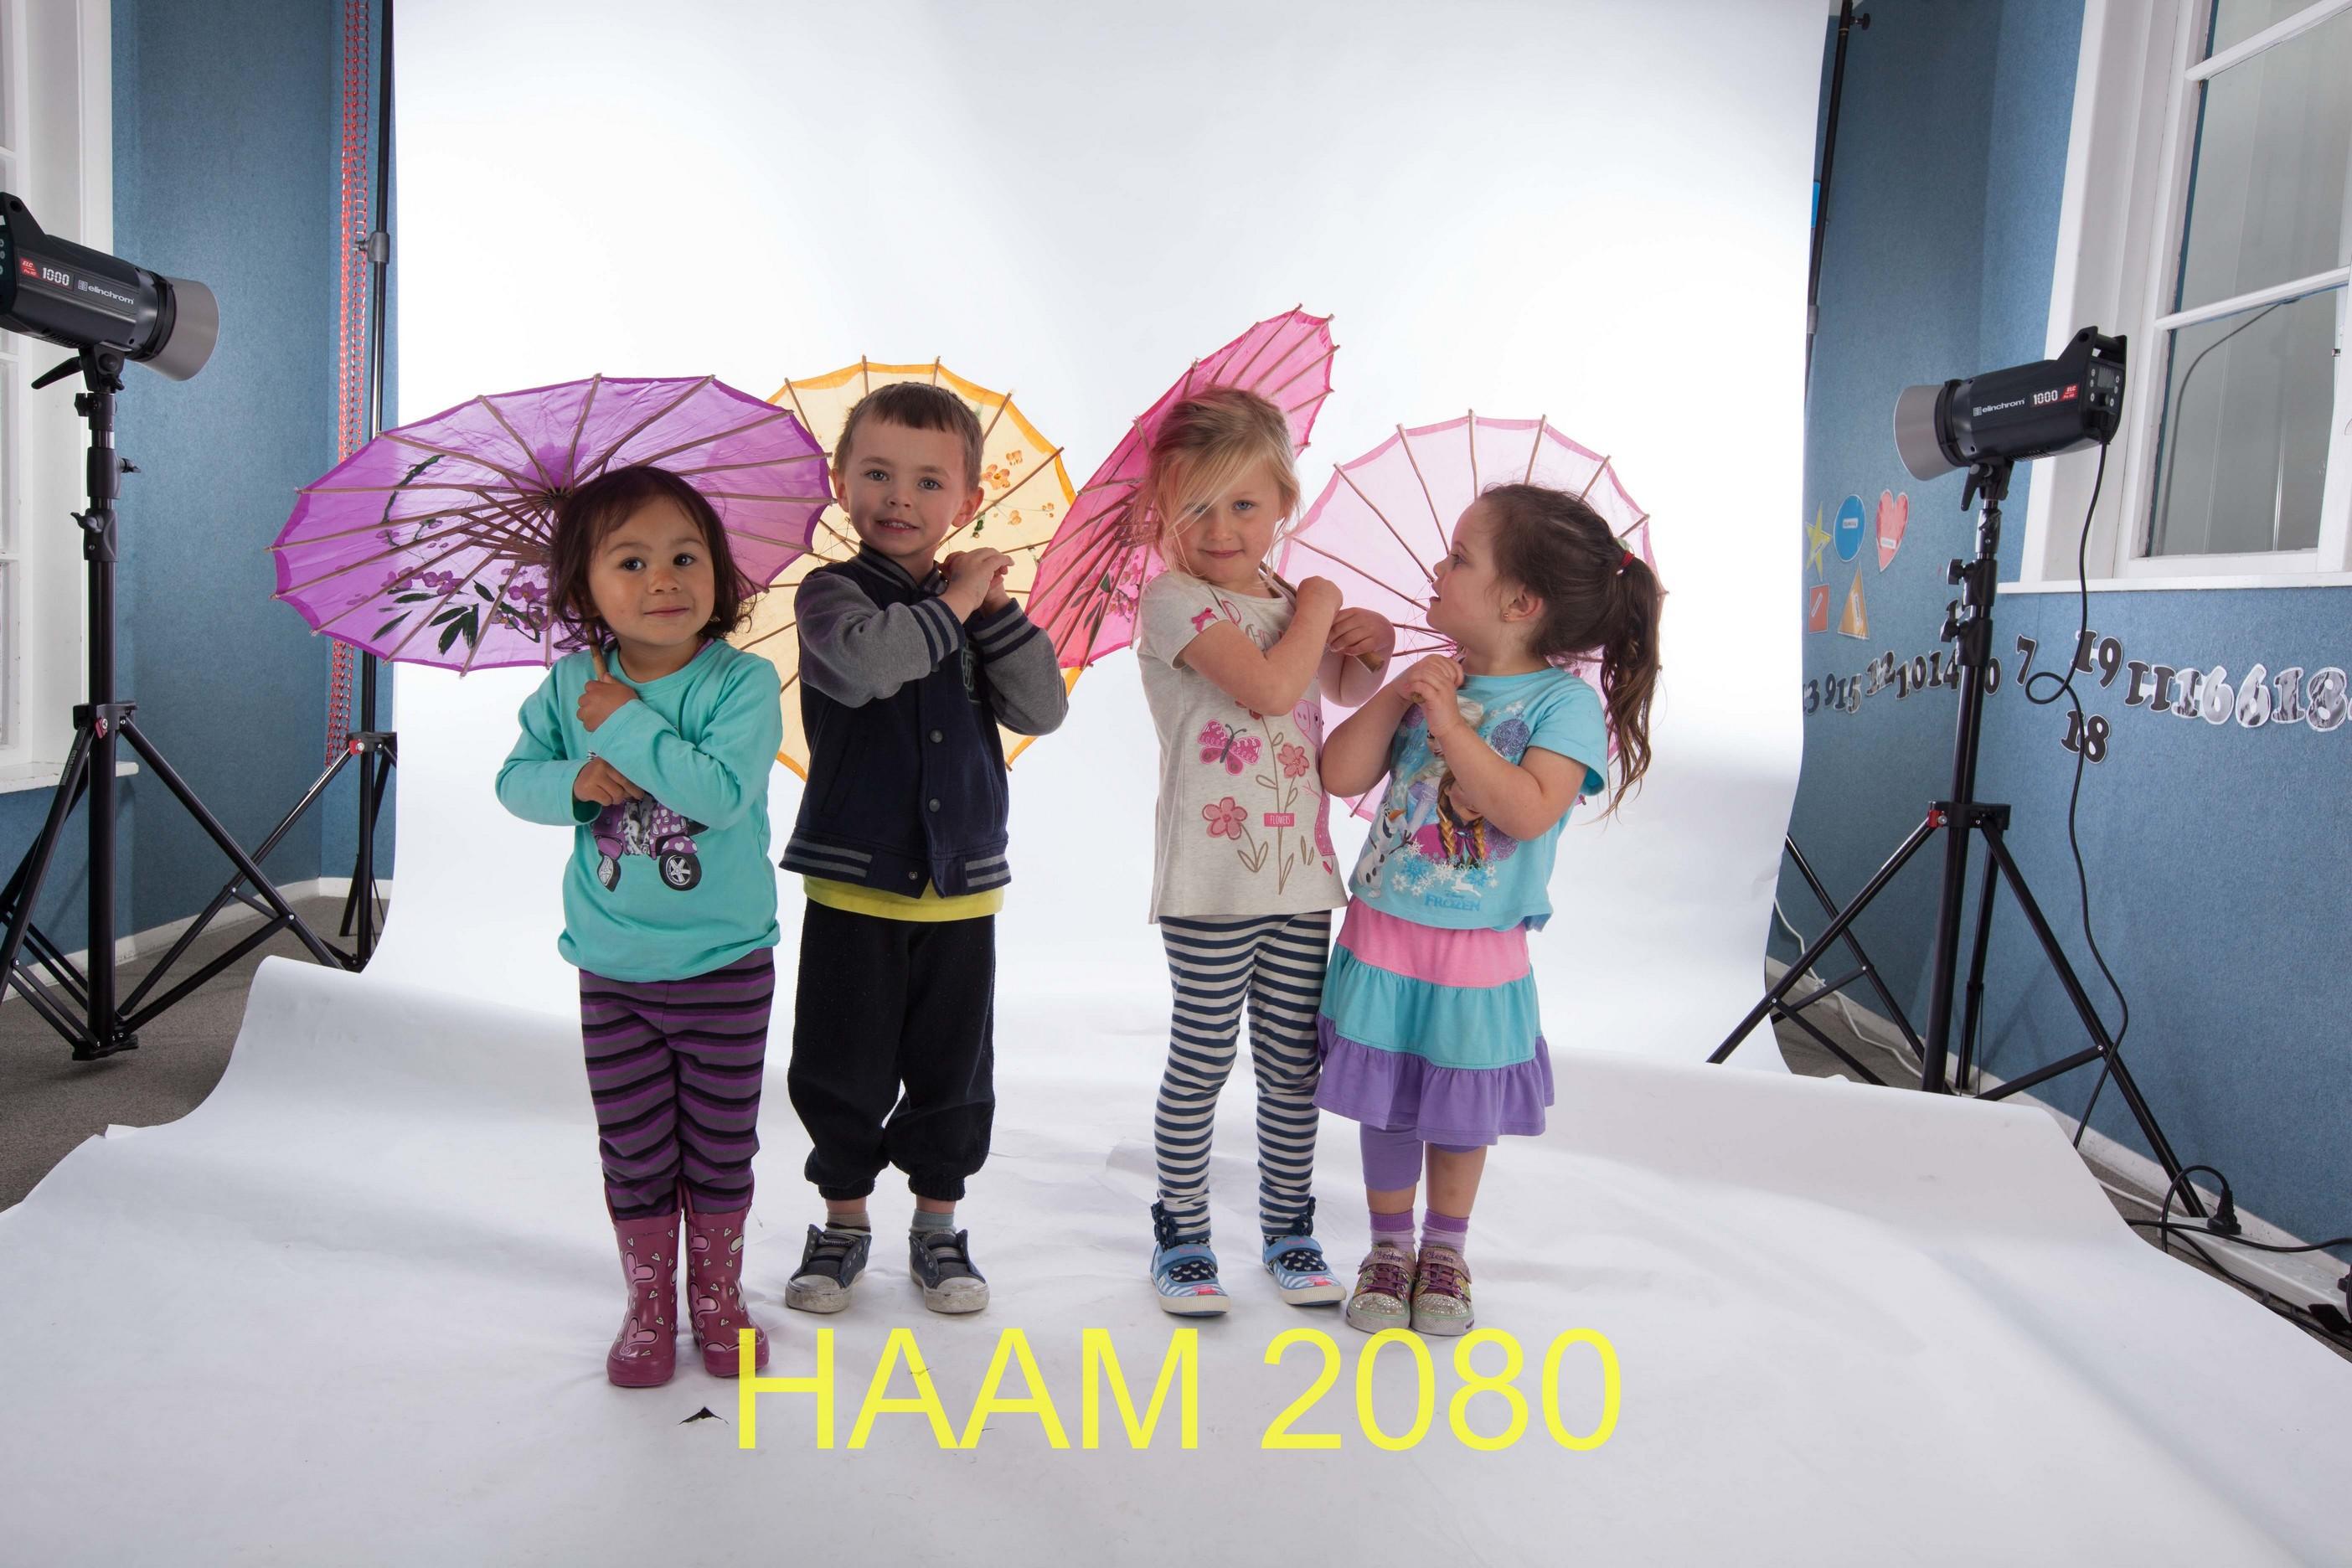 HAAM 2080